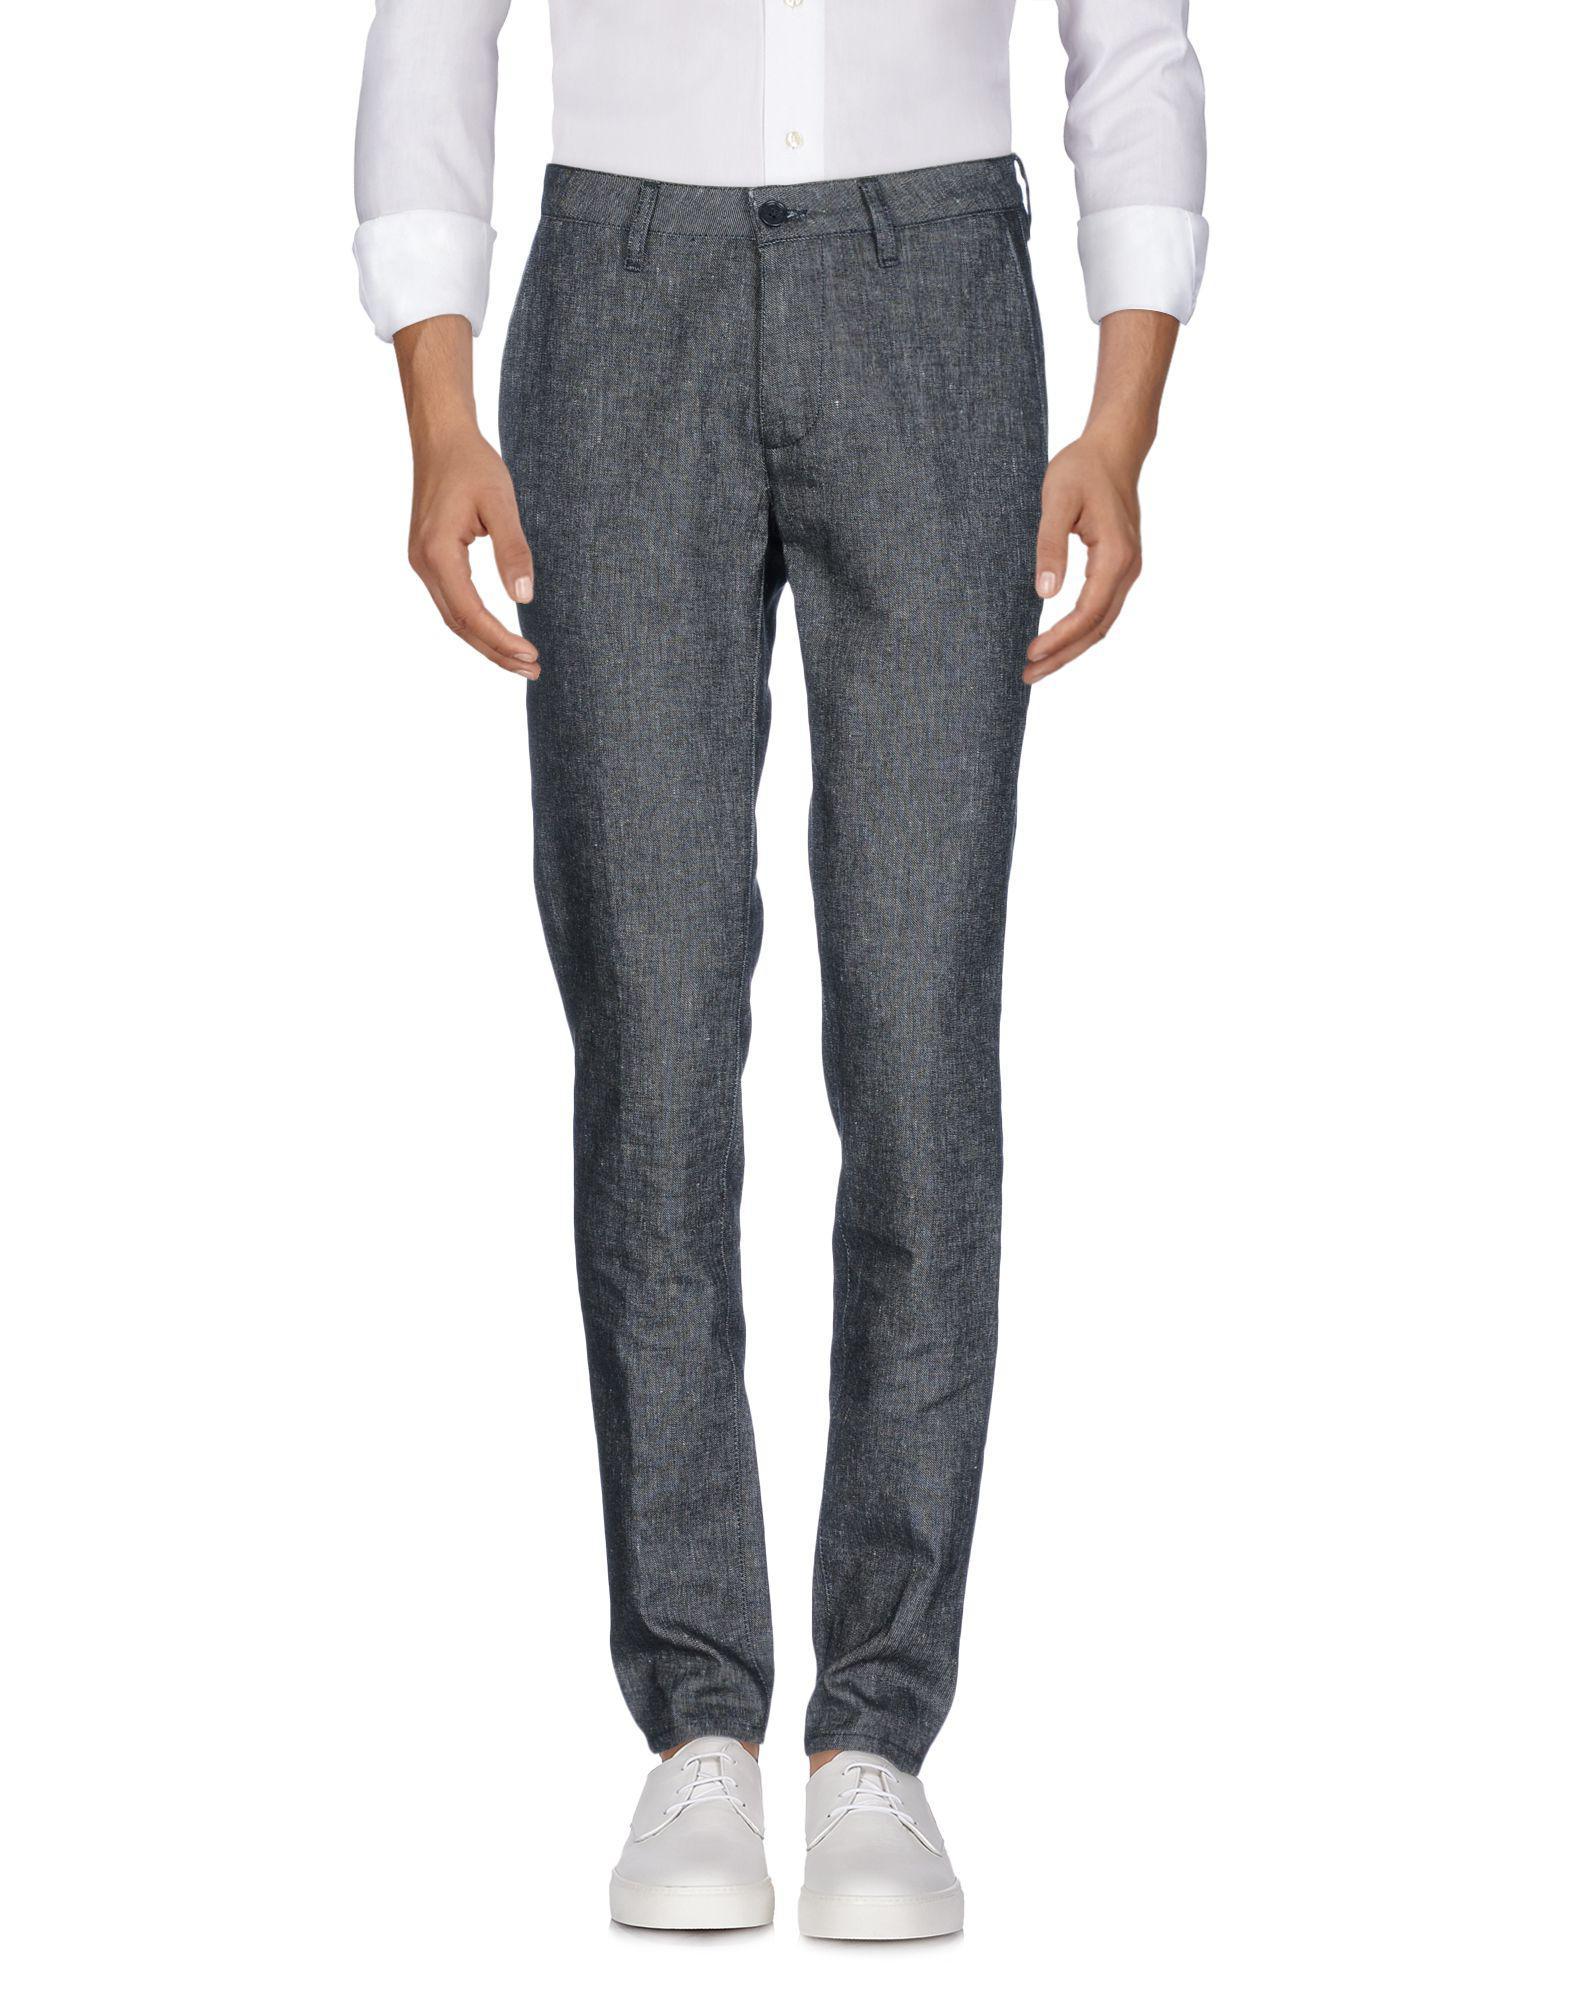 DENIM - Denim trousers Cruna vbS8i2